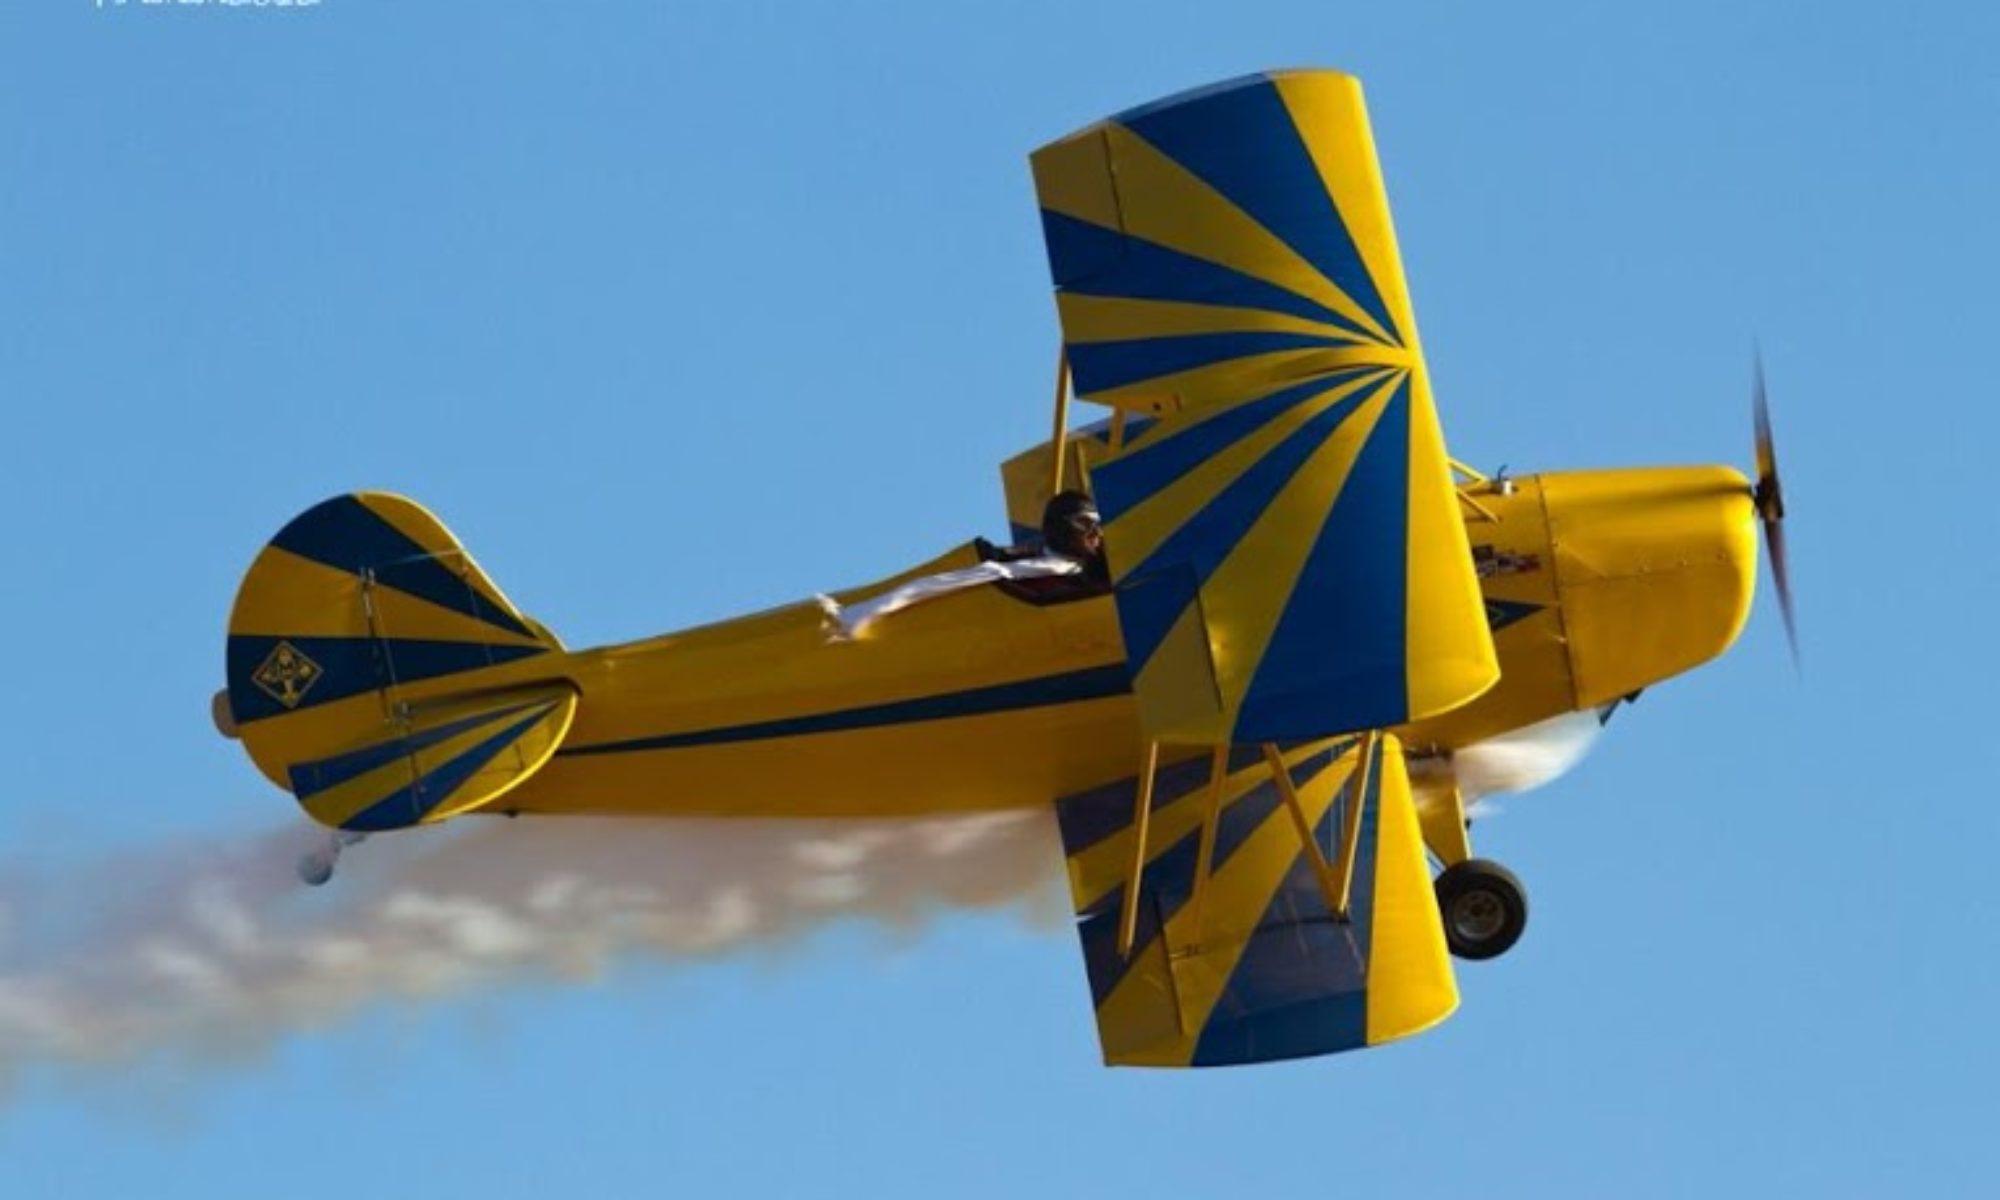 Dale's Biplane